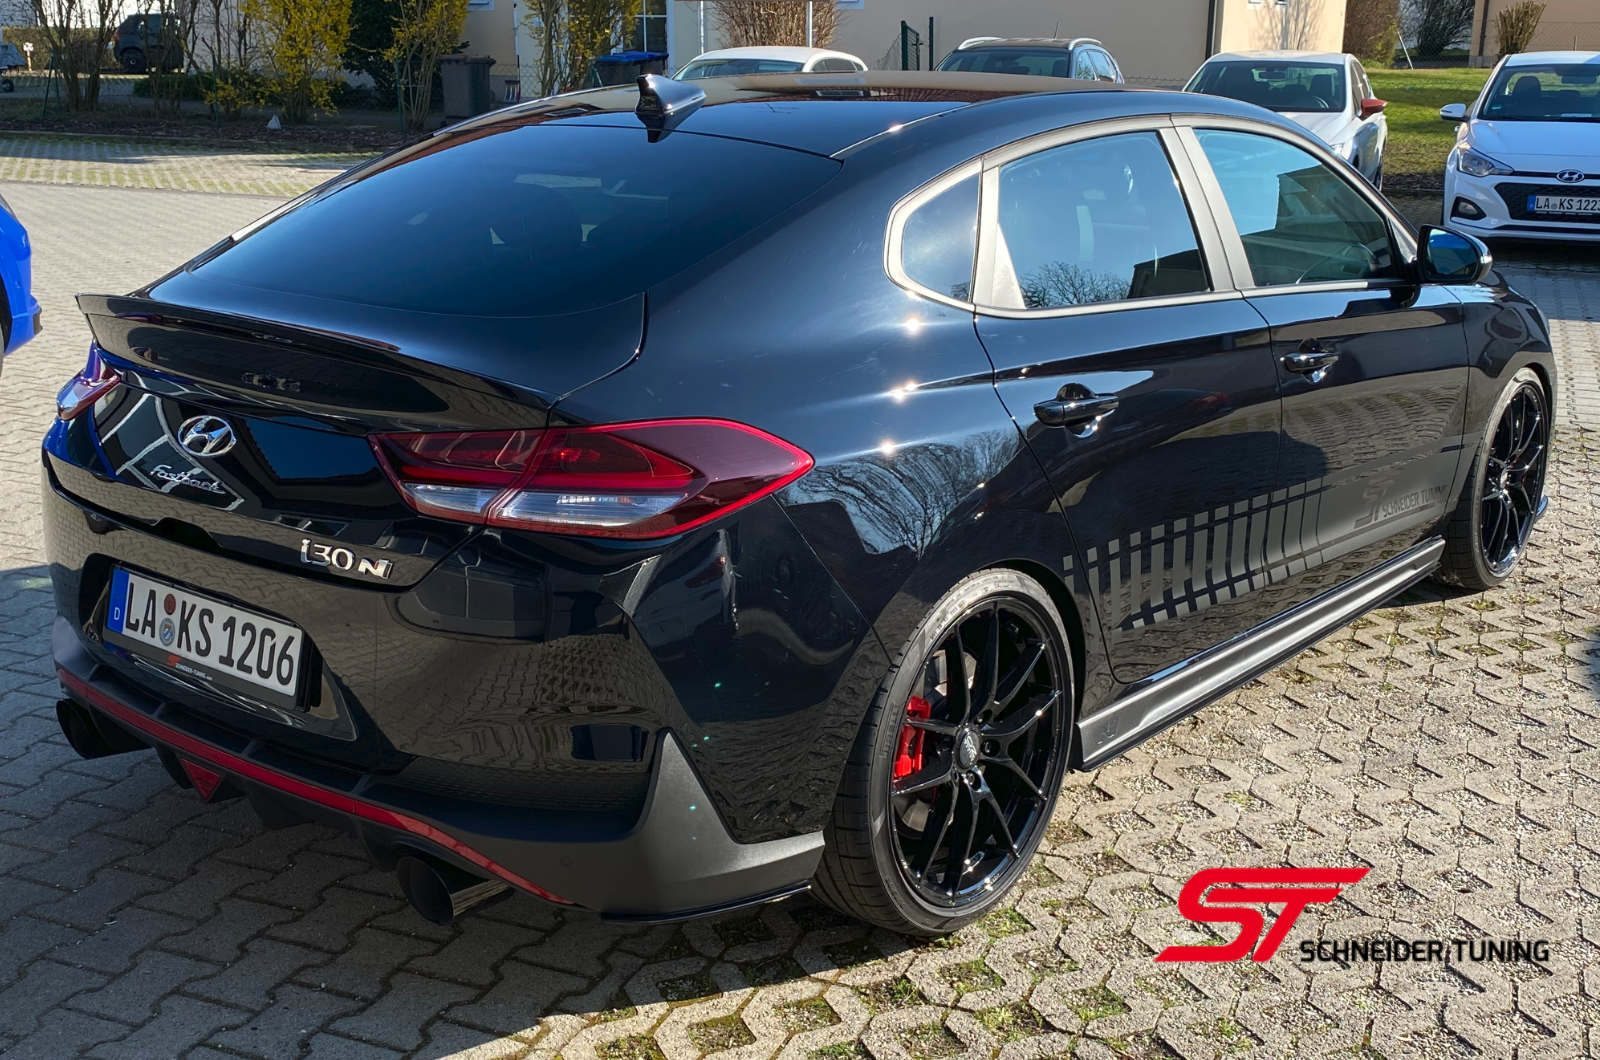 i30N-schwarz-hinten-seite-2